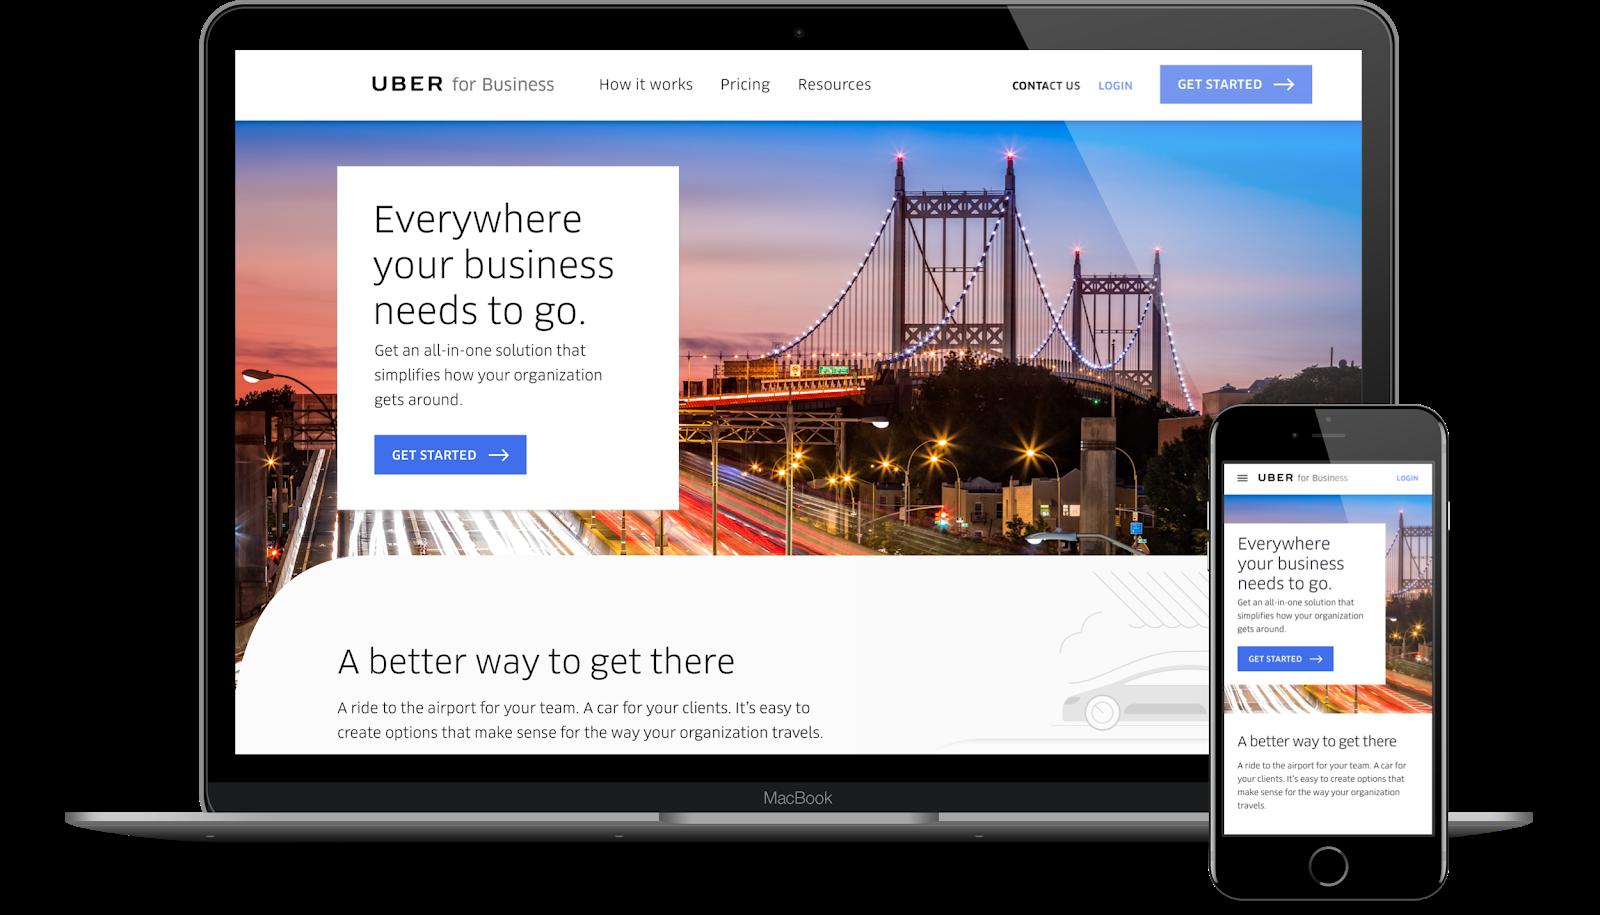 Uber, 2017. Website. Agency: LMNO.